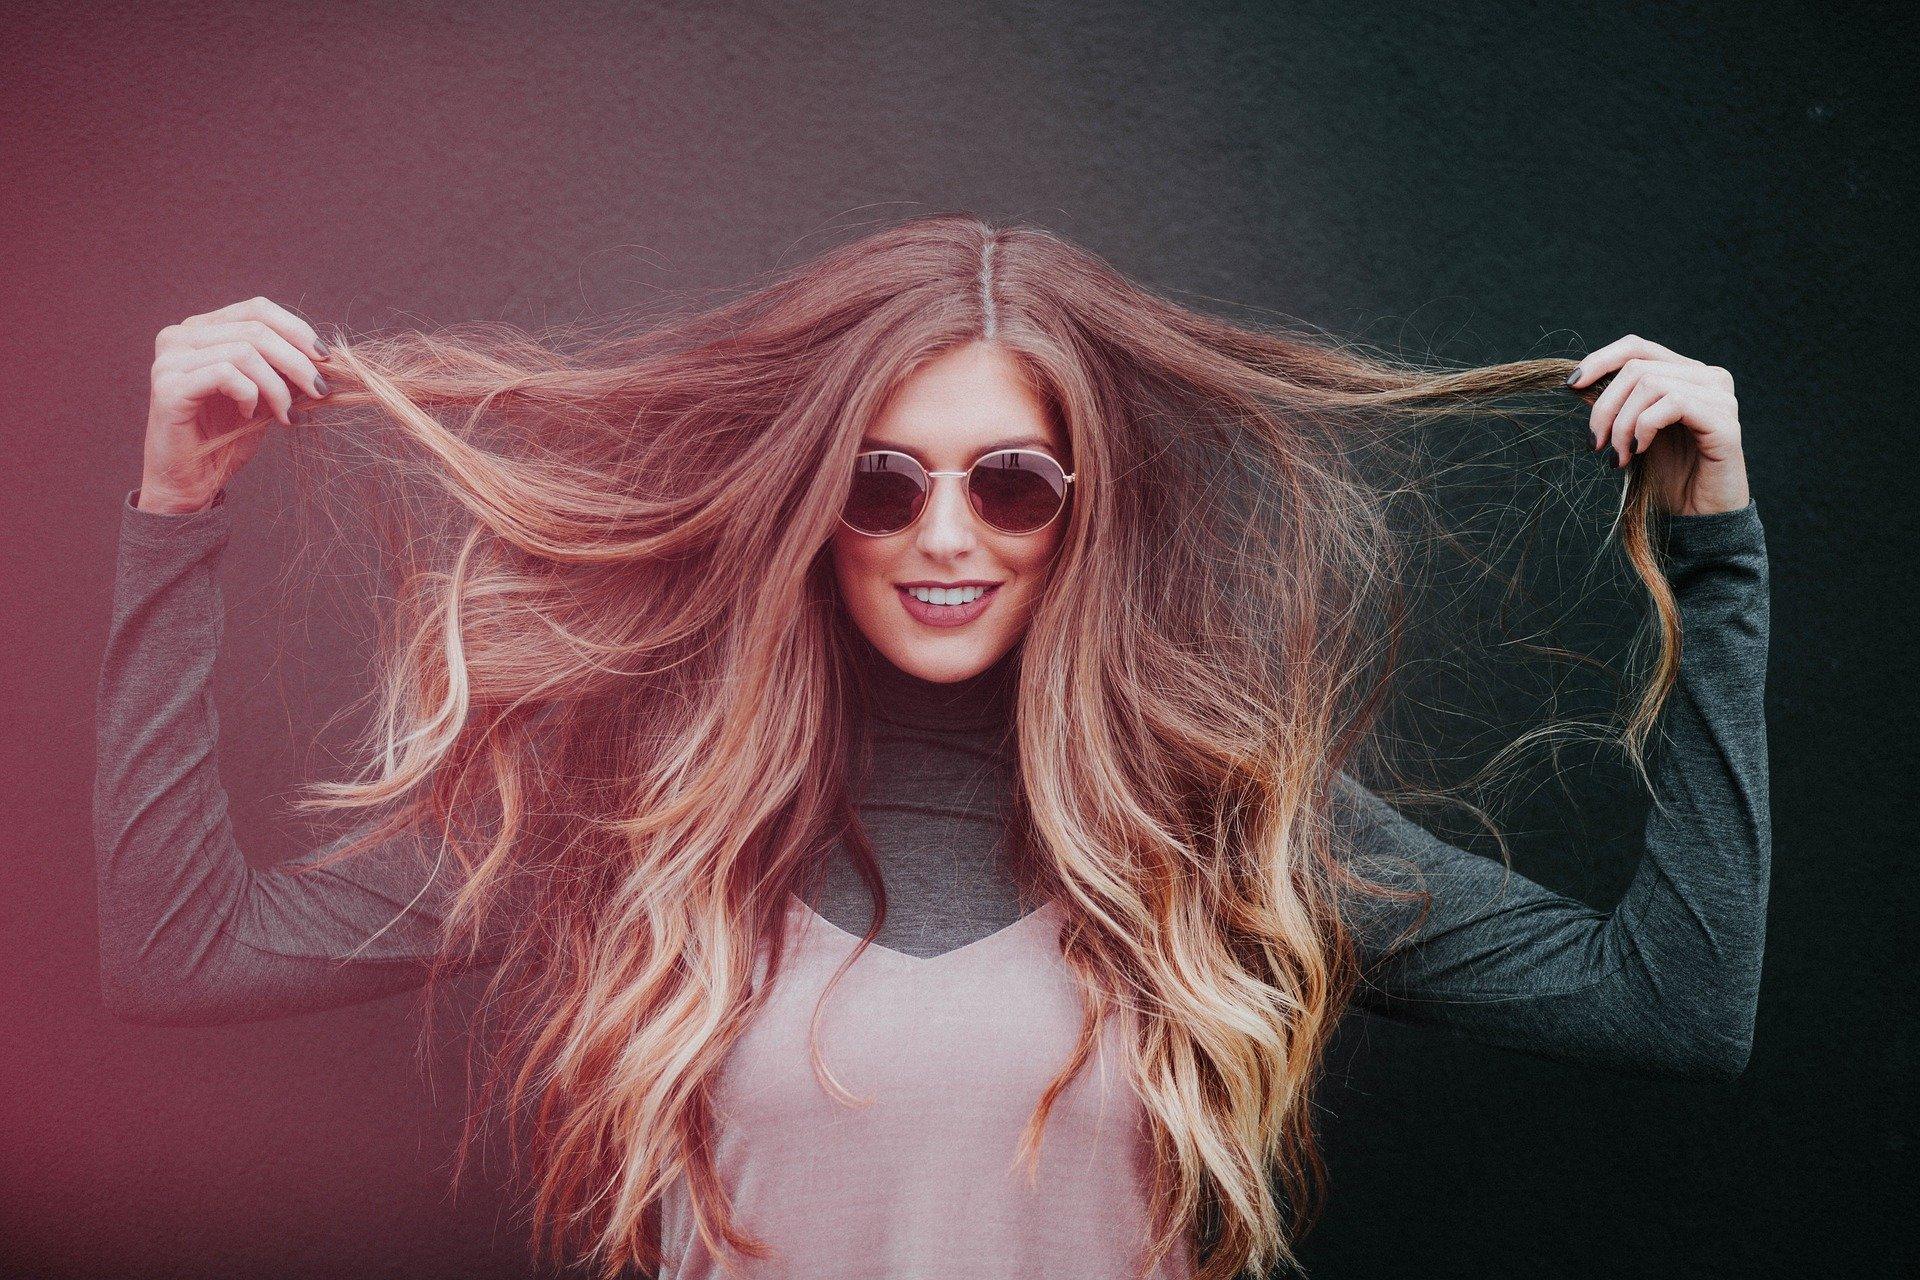 איך אפשר לעודד הצמחת שיער באופן טבעי?